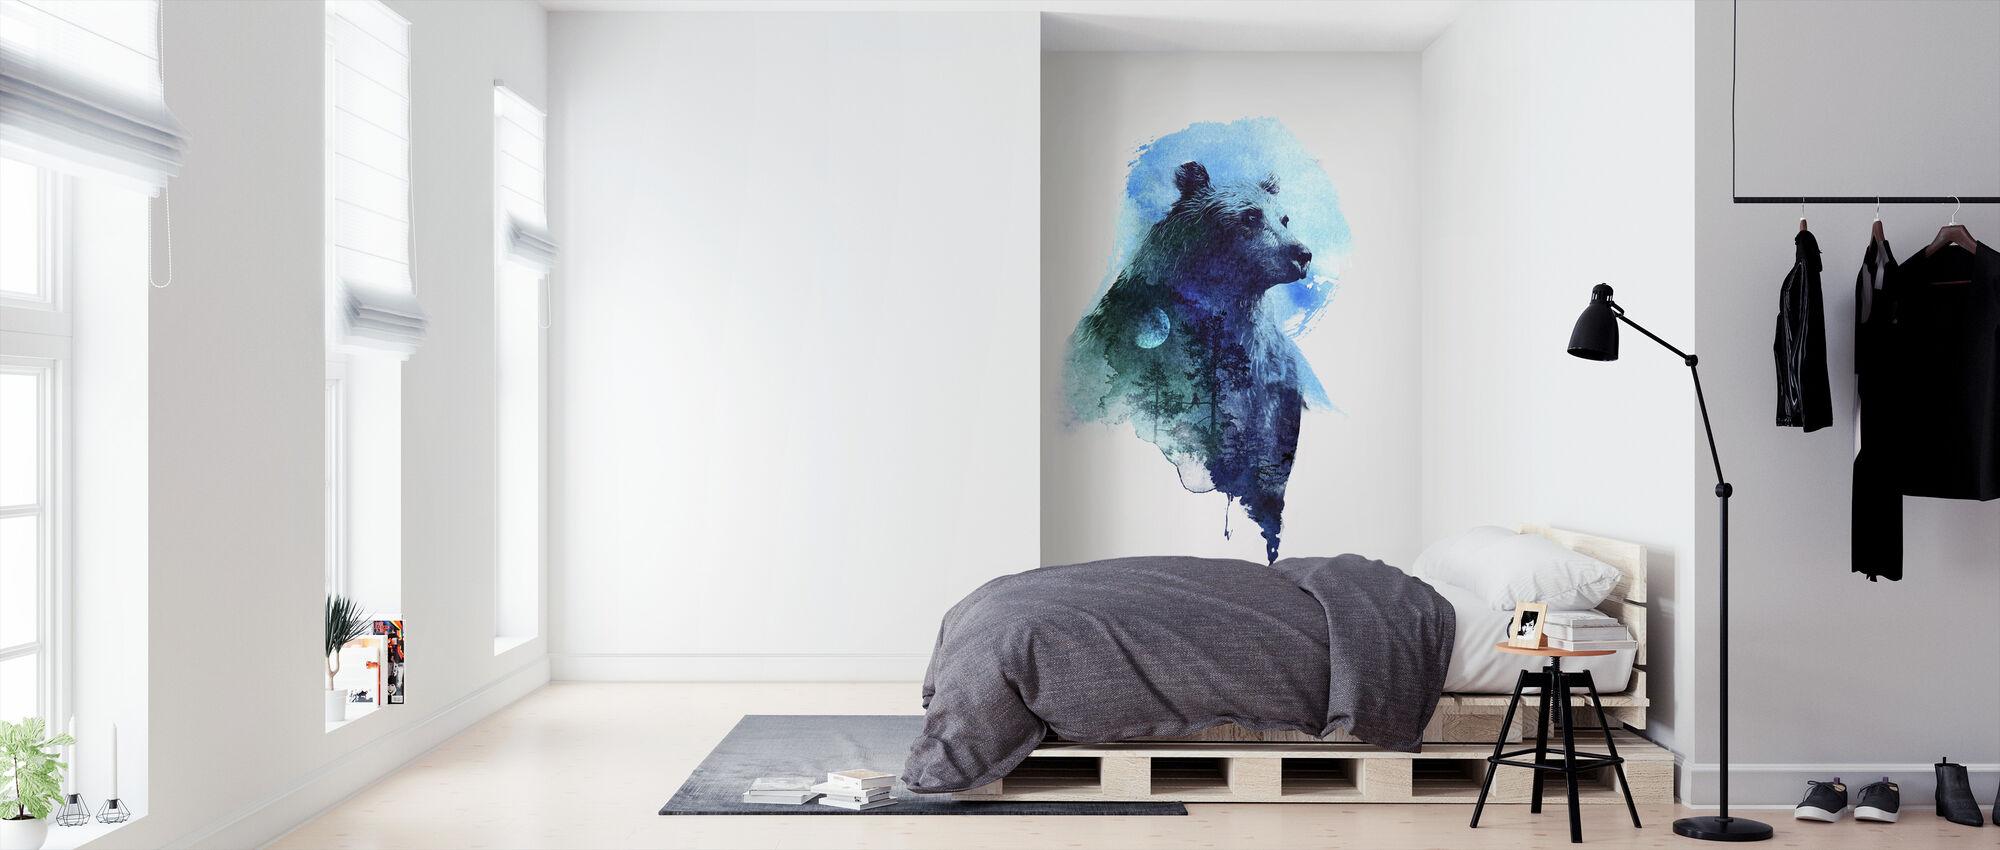 Midnight Bear - Wallpaper - Bedroom